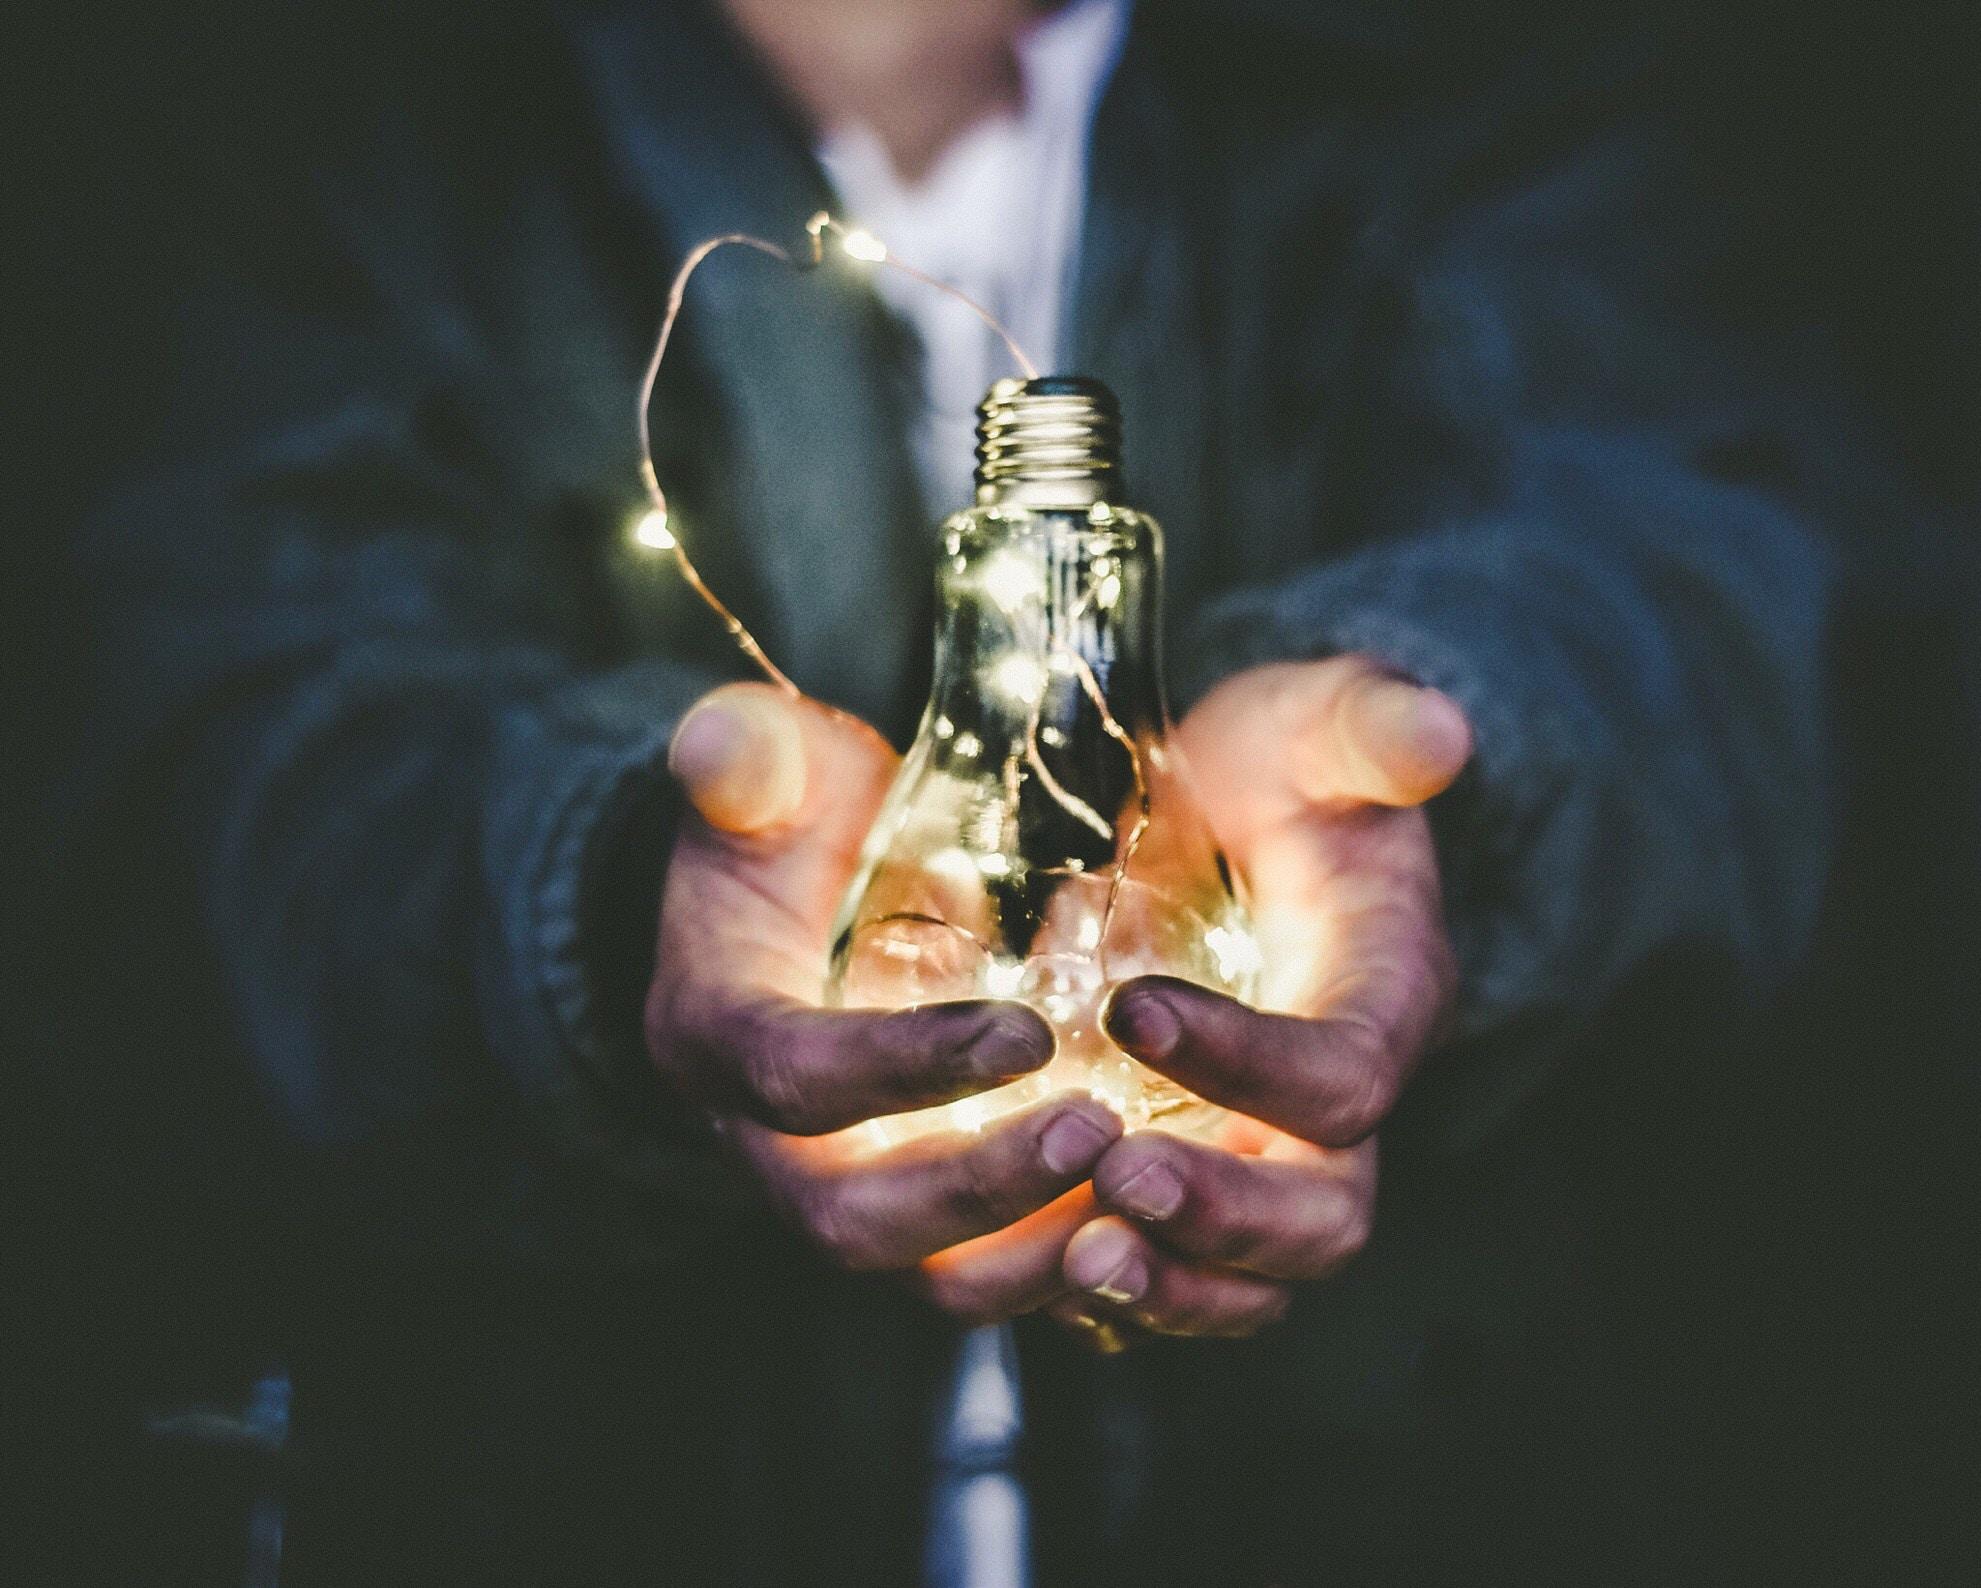 Mann hält Glühbine in den Händen